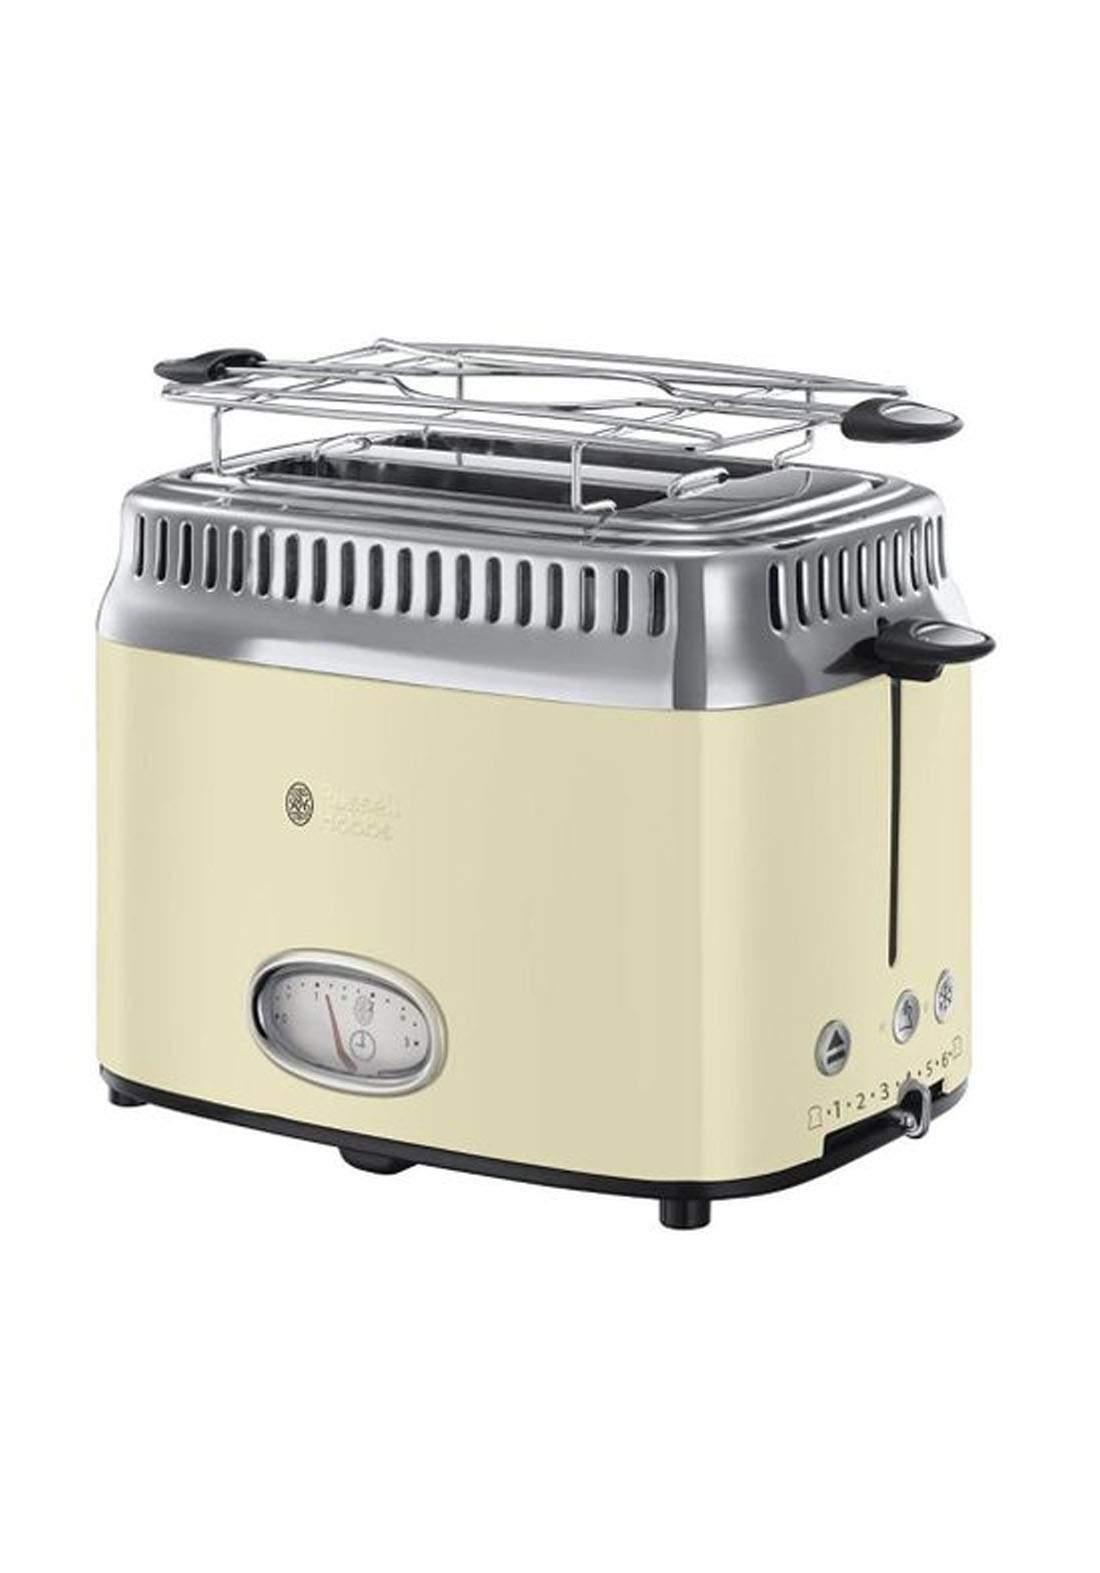 Russell hobbs 21682 Toaster محمصة